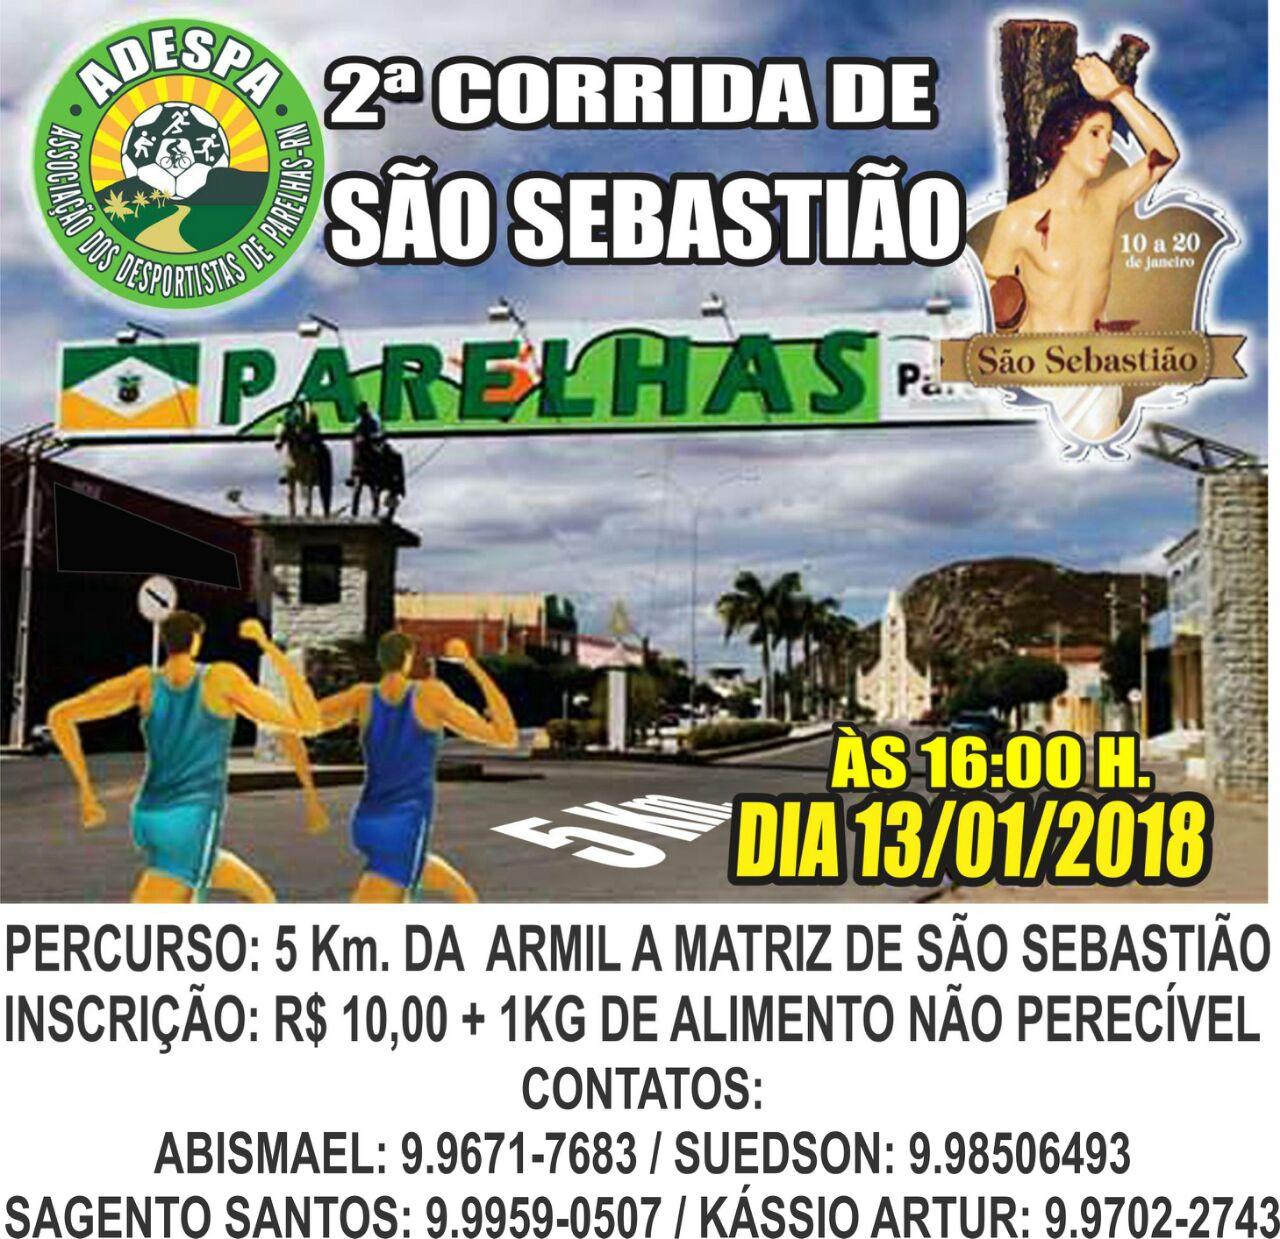 CORRIDA SÃO SEBASTIÃO